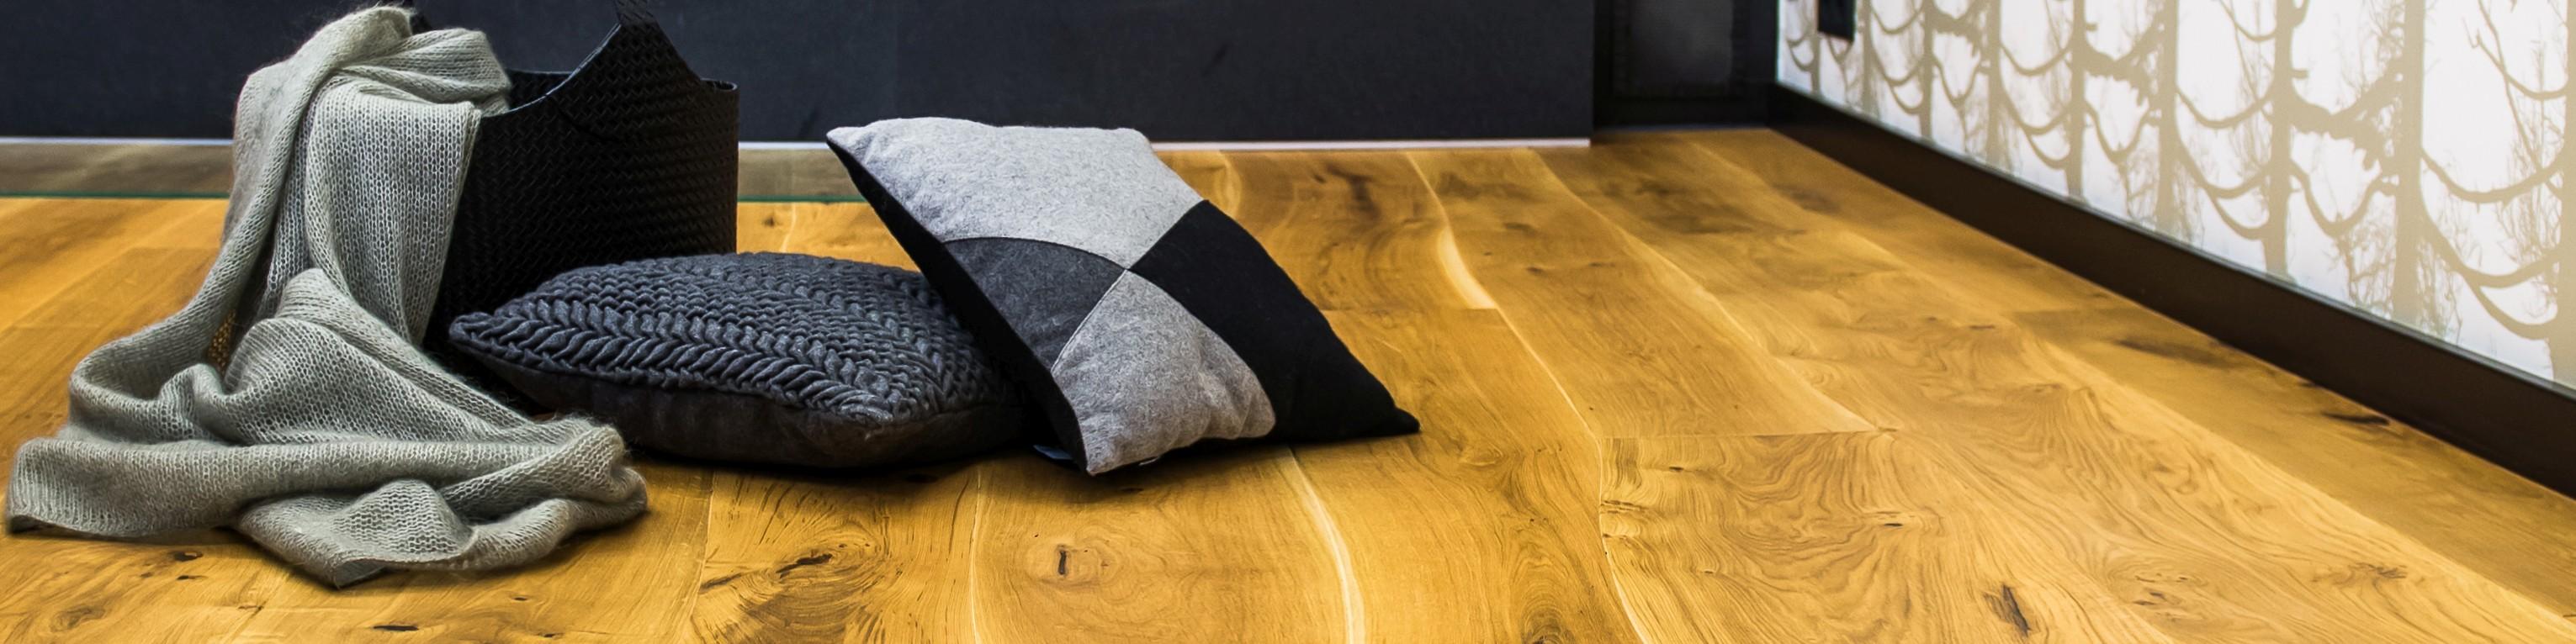 fussboden arten parkett und with fussboden arten beautiful manche bodenbelge knnen heimwerker. Black Bedroom Furniture Sets. Home Design Ideas